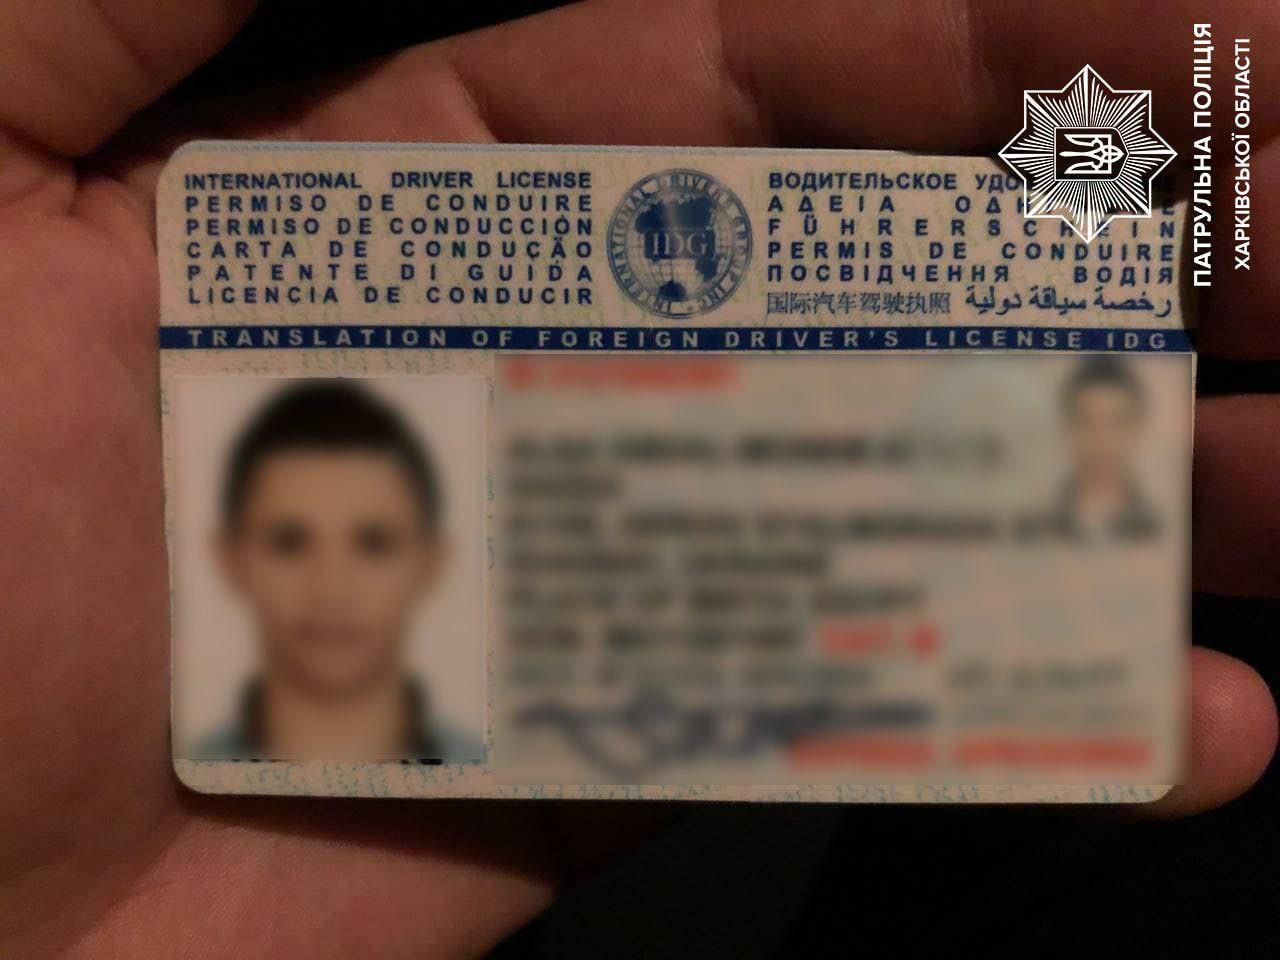 Поддельные права в Харькове - патрульные выявили три фальшивки